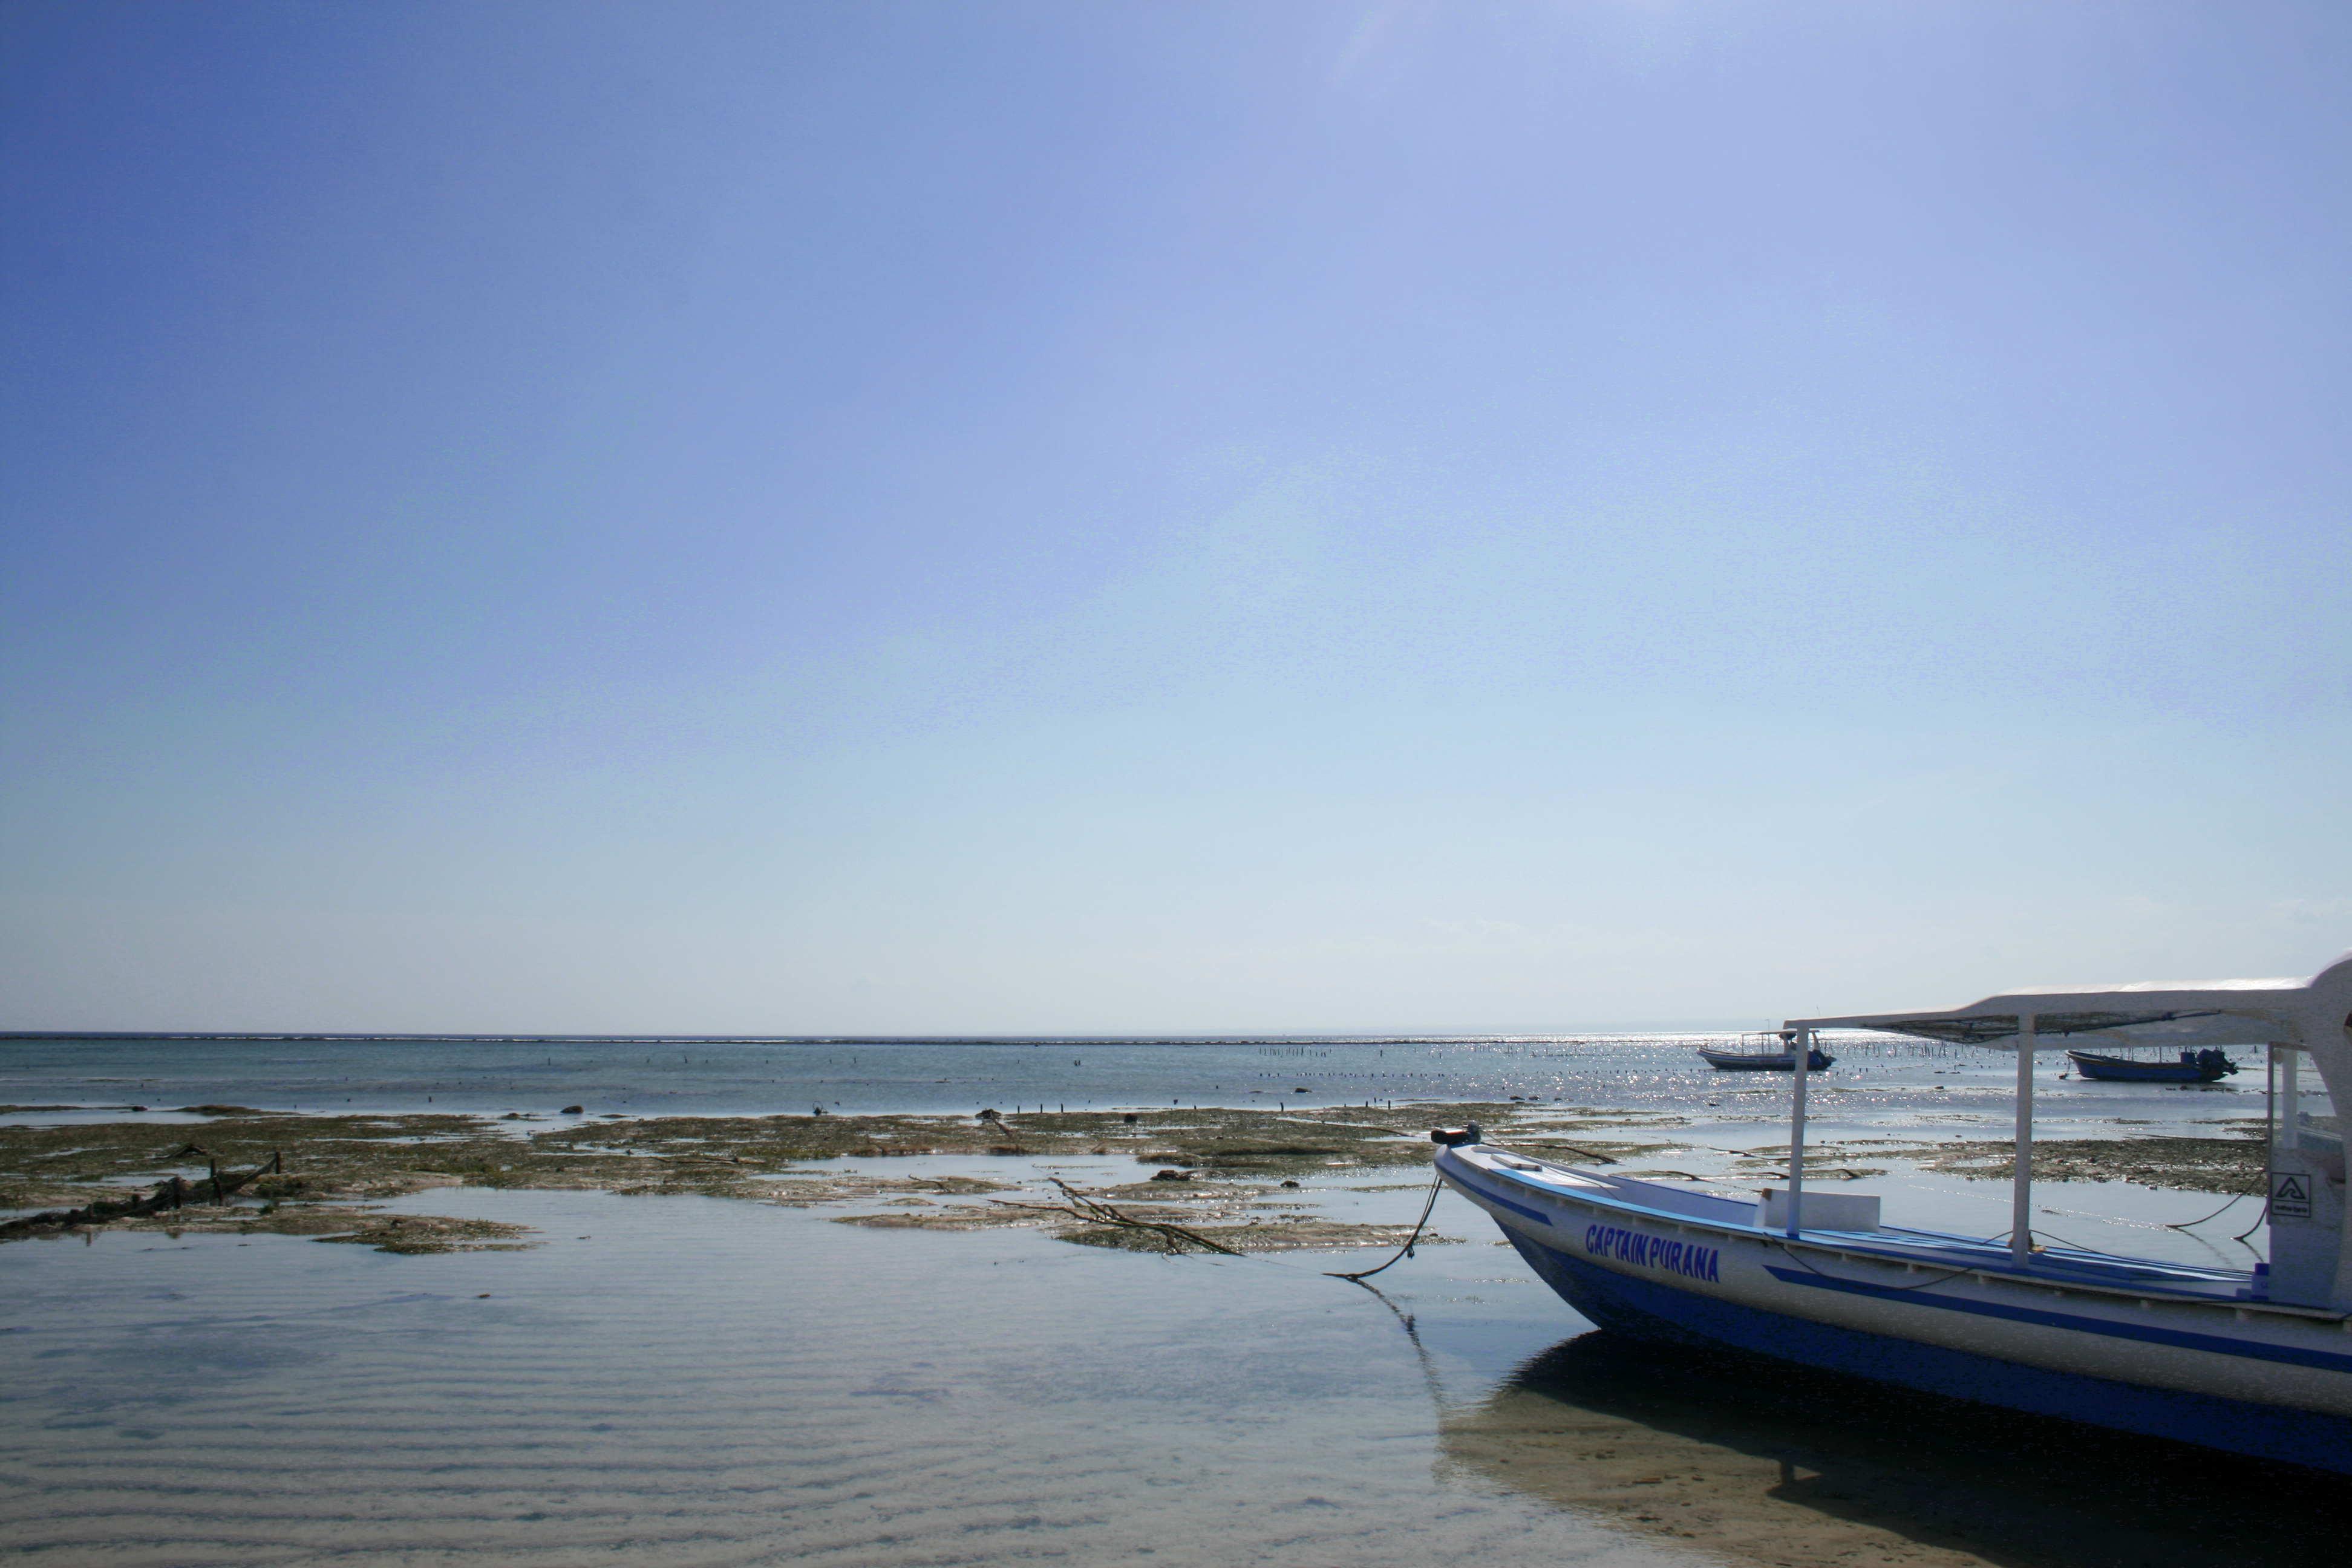 Boat in Lembongan